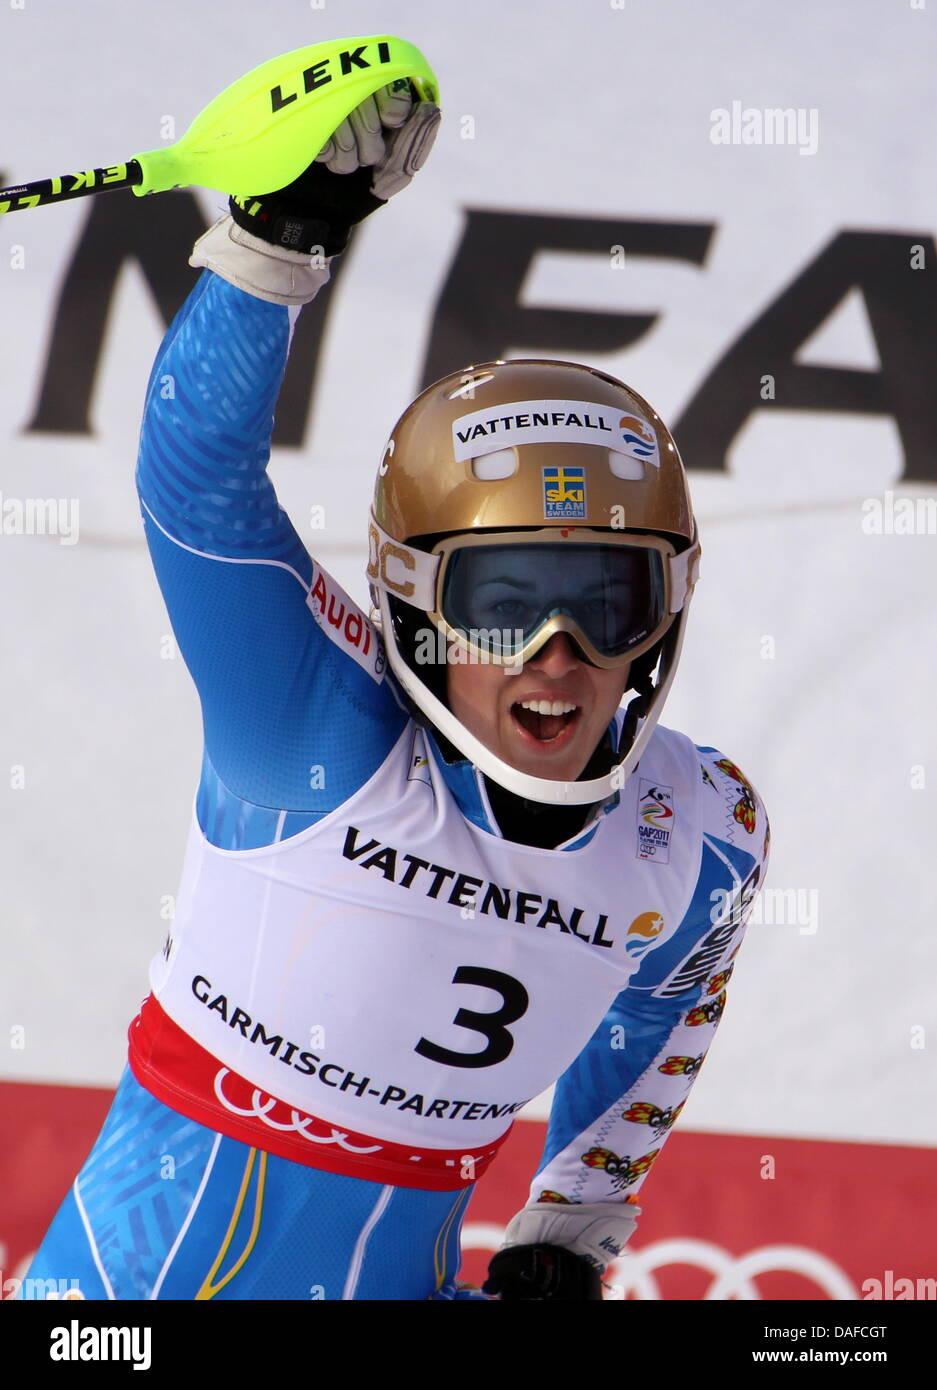 Maria Pietilae Holmner Of Sweden Celebrates After The Women S